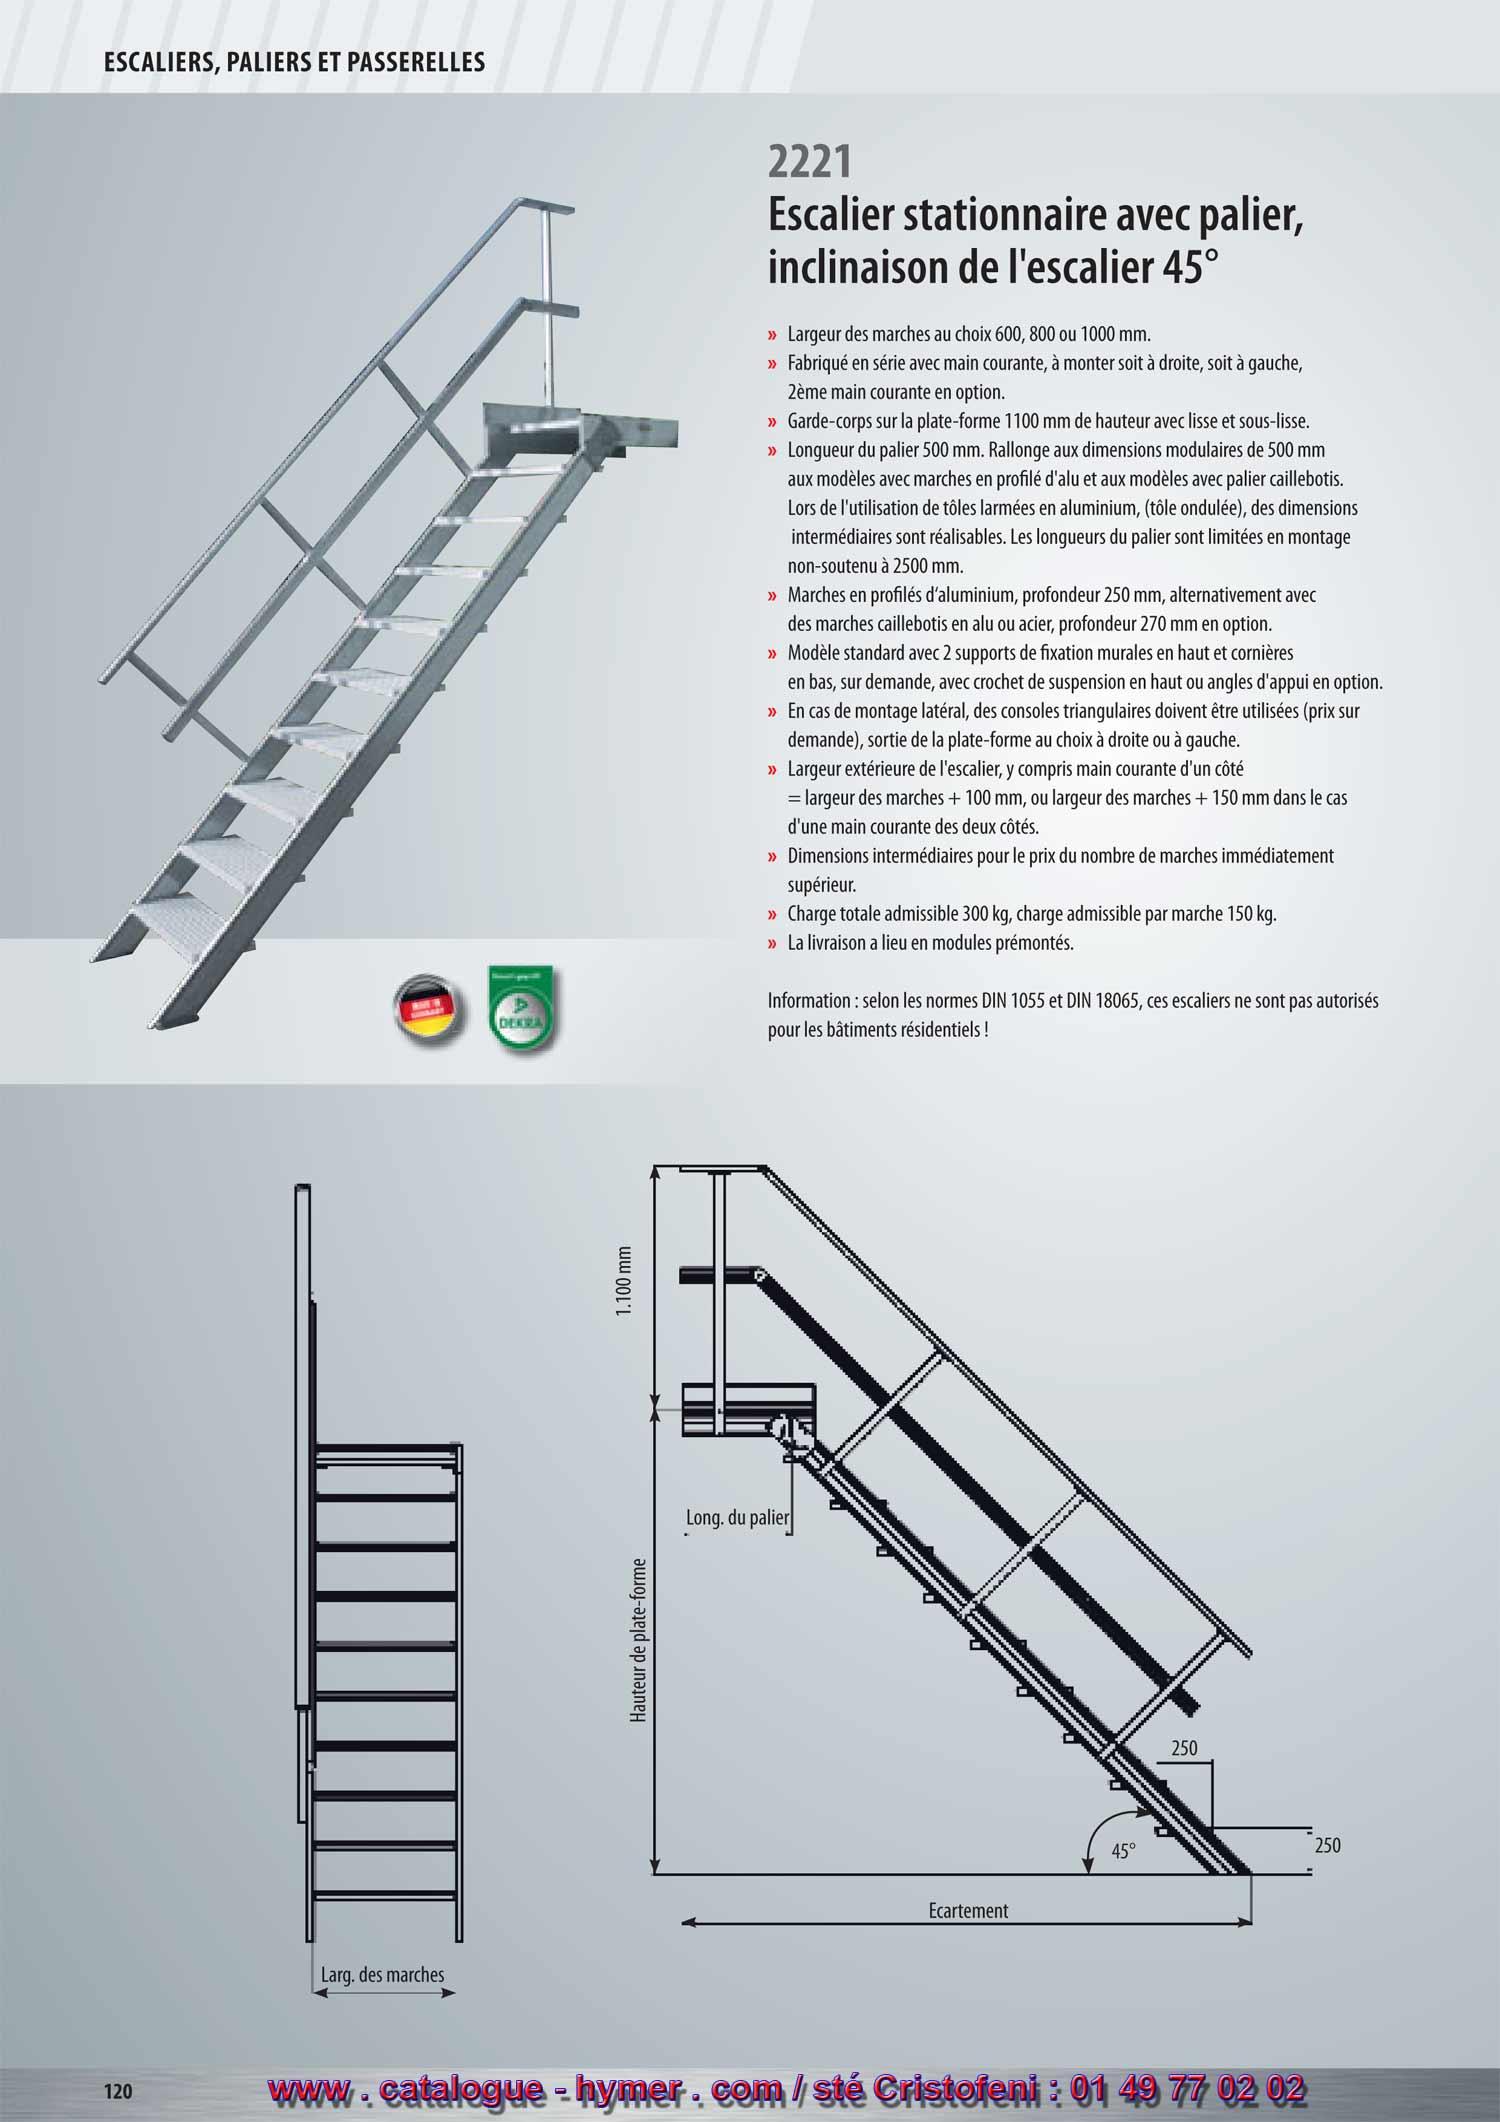 Largeur D Une Marche D Escalier p120 p 121 escalier stationnaire avec palier marches 0,8m 1m